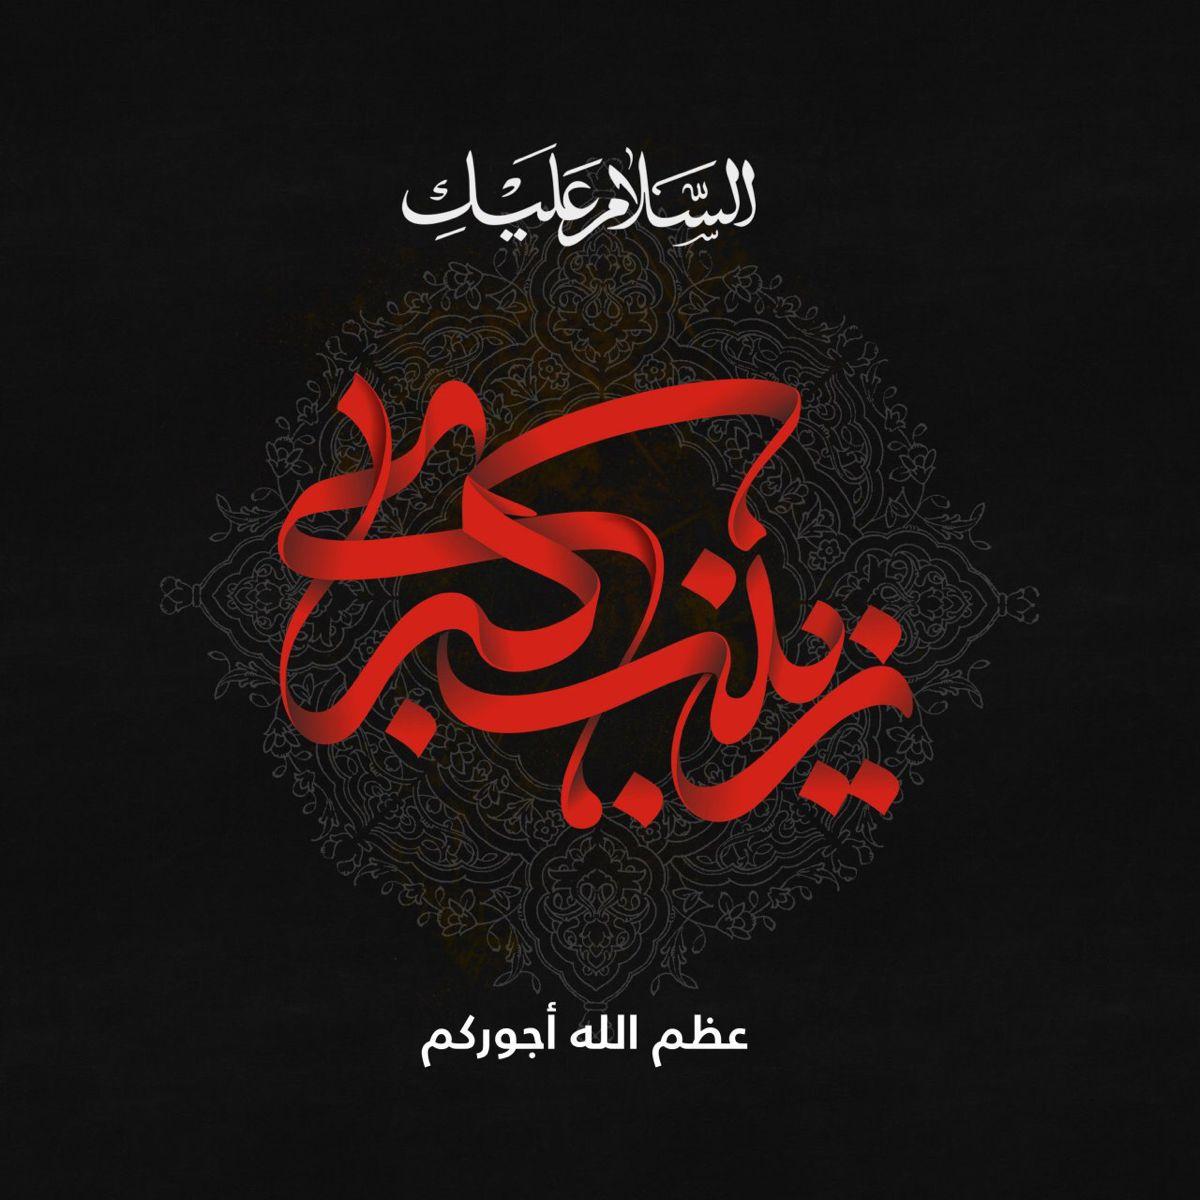 شهادة عقيلة اهل البيت ع زينب Arabic Calligraphy Calligraphy Movie Posters